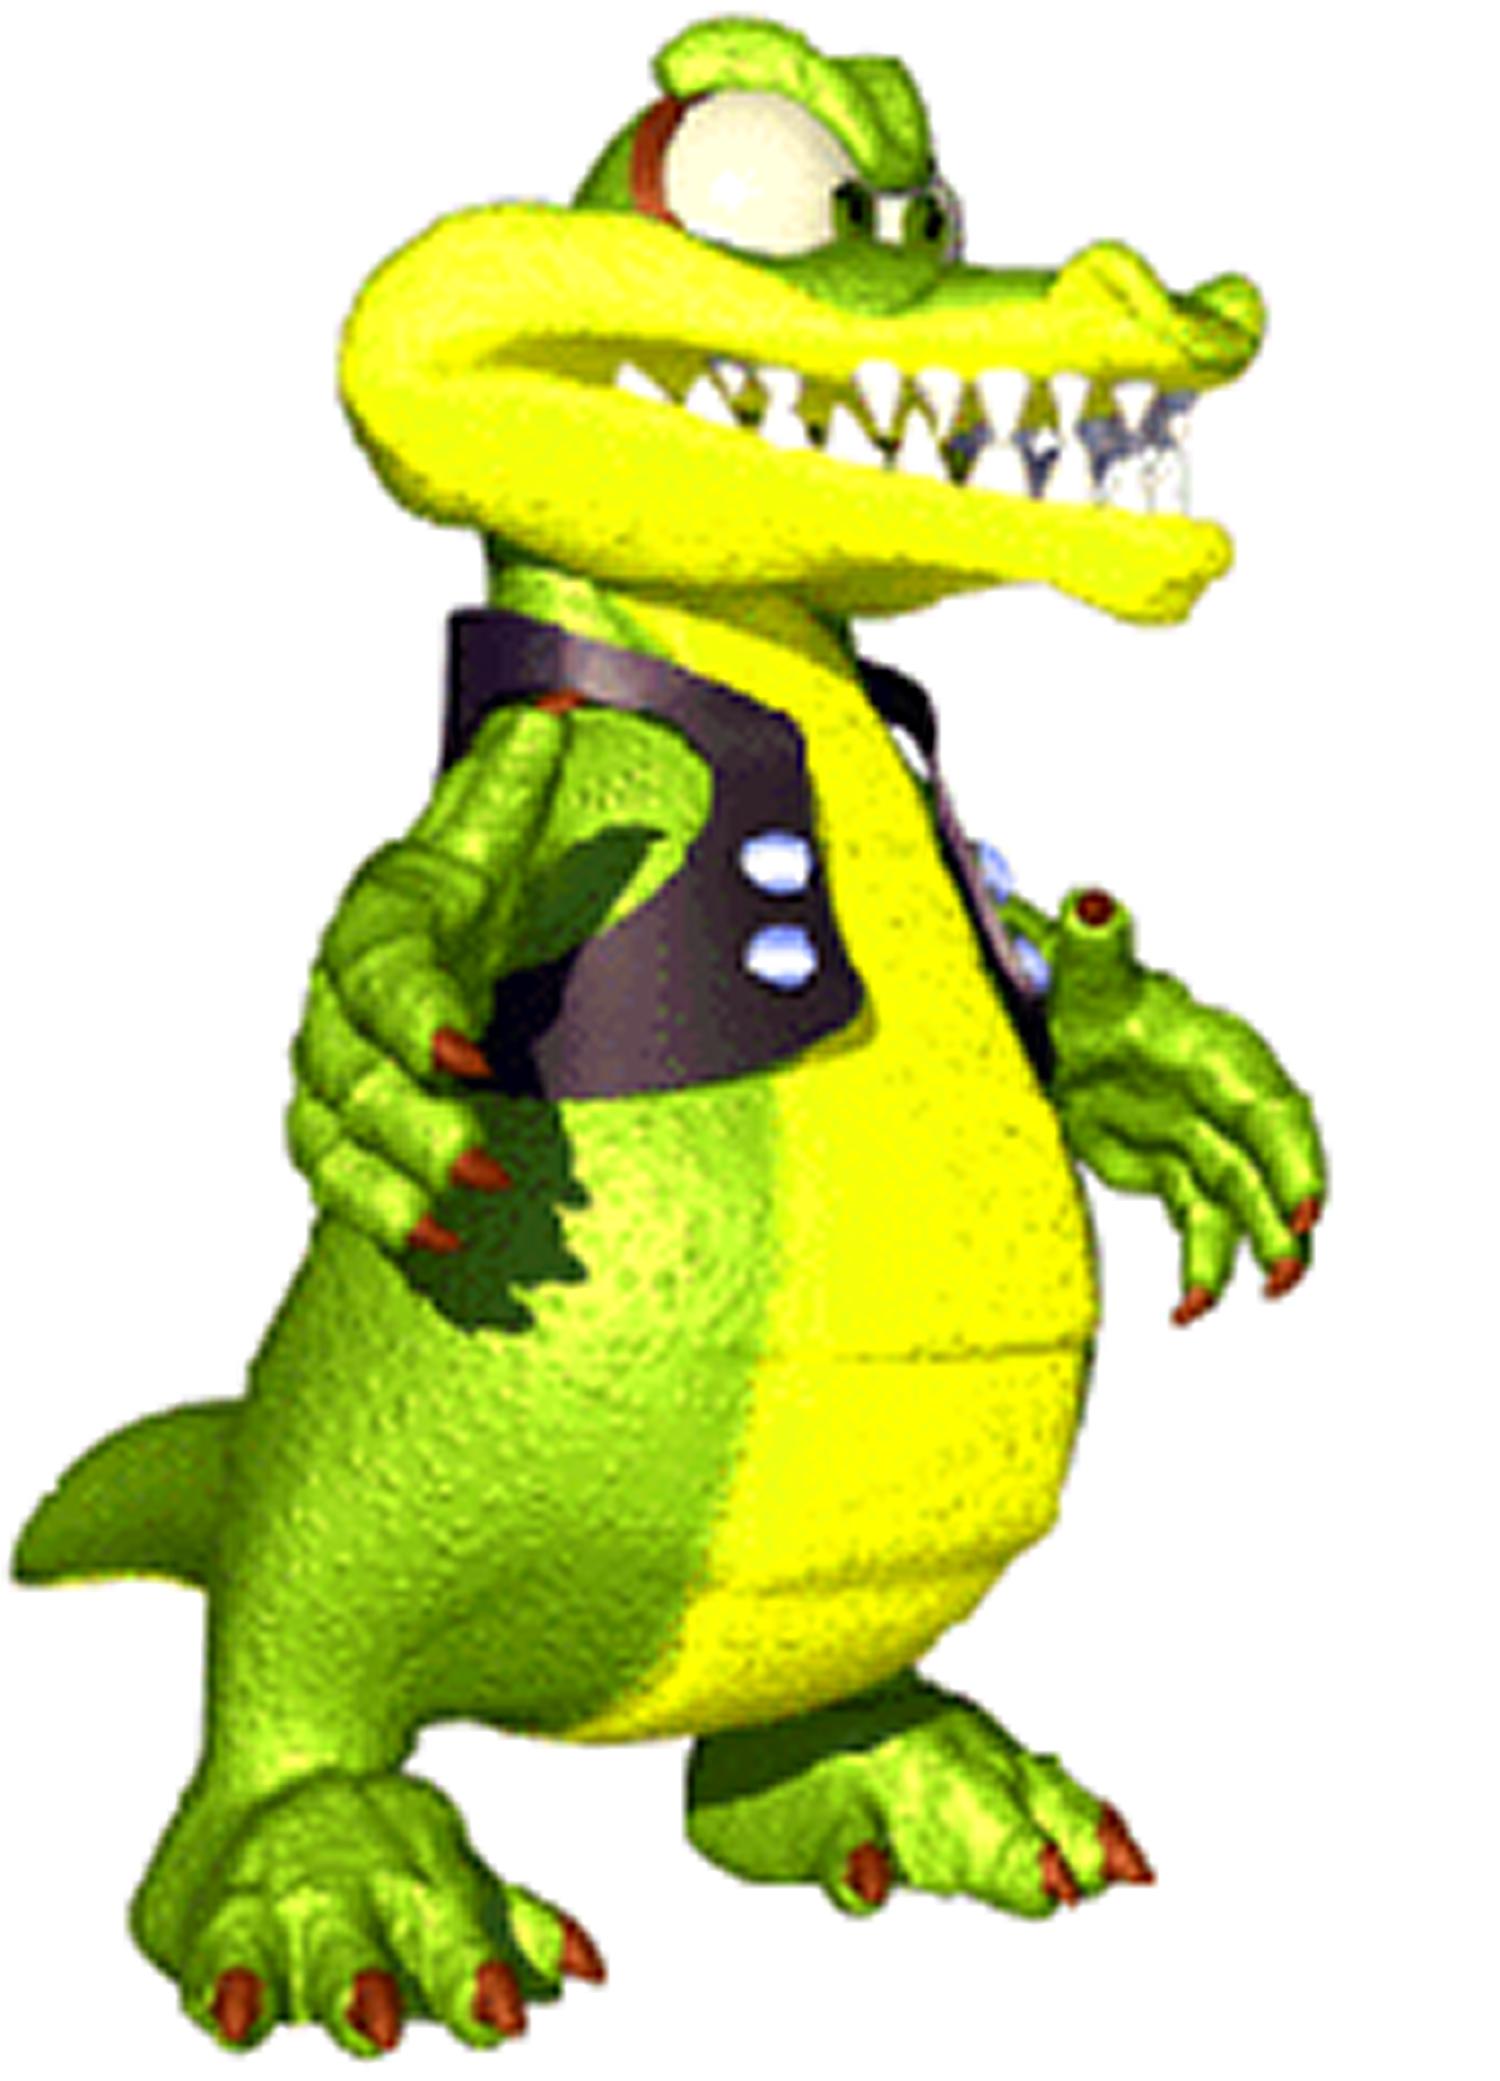 Krunch the kremling nintendo. Crocodile clipart editorial cartooning